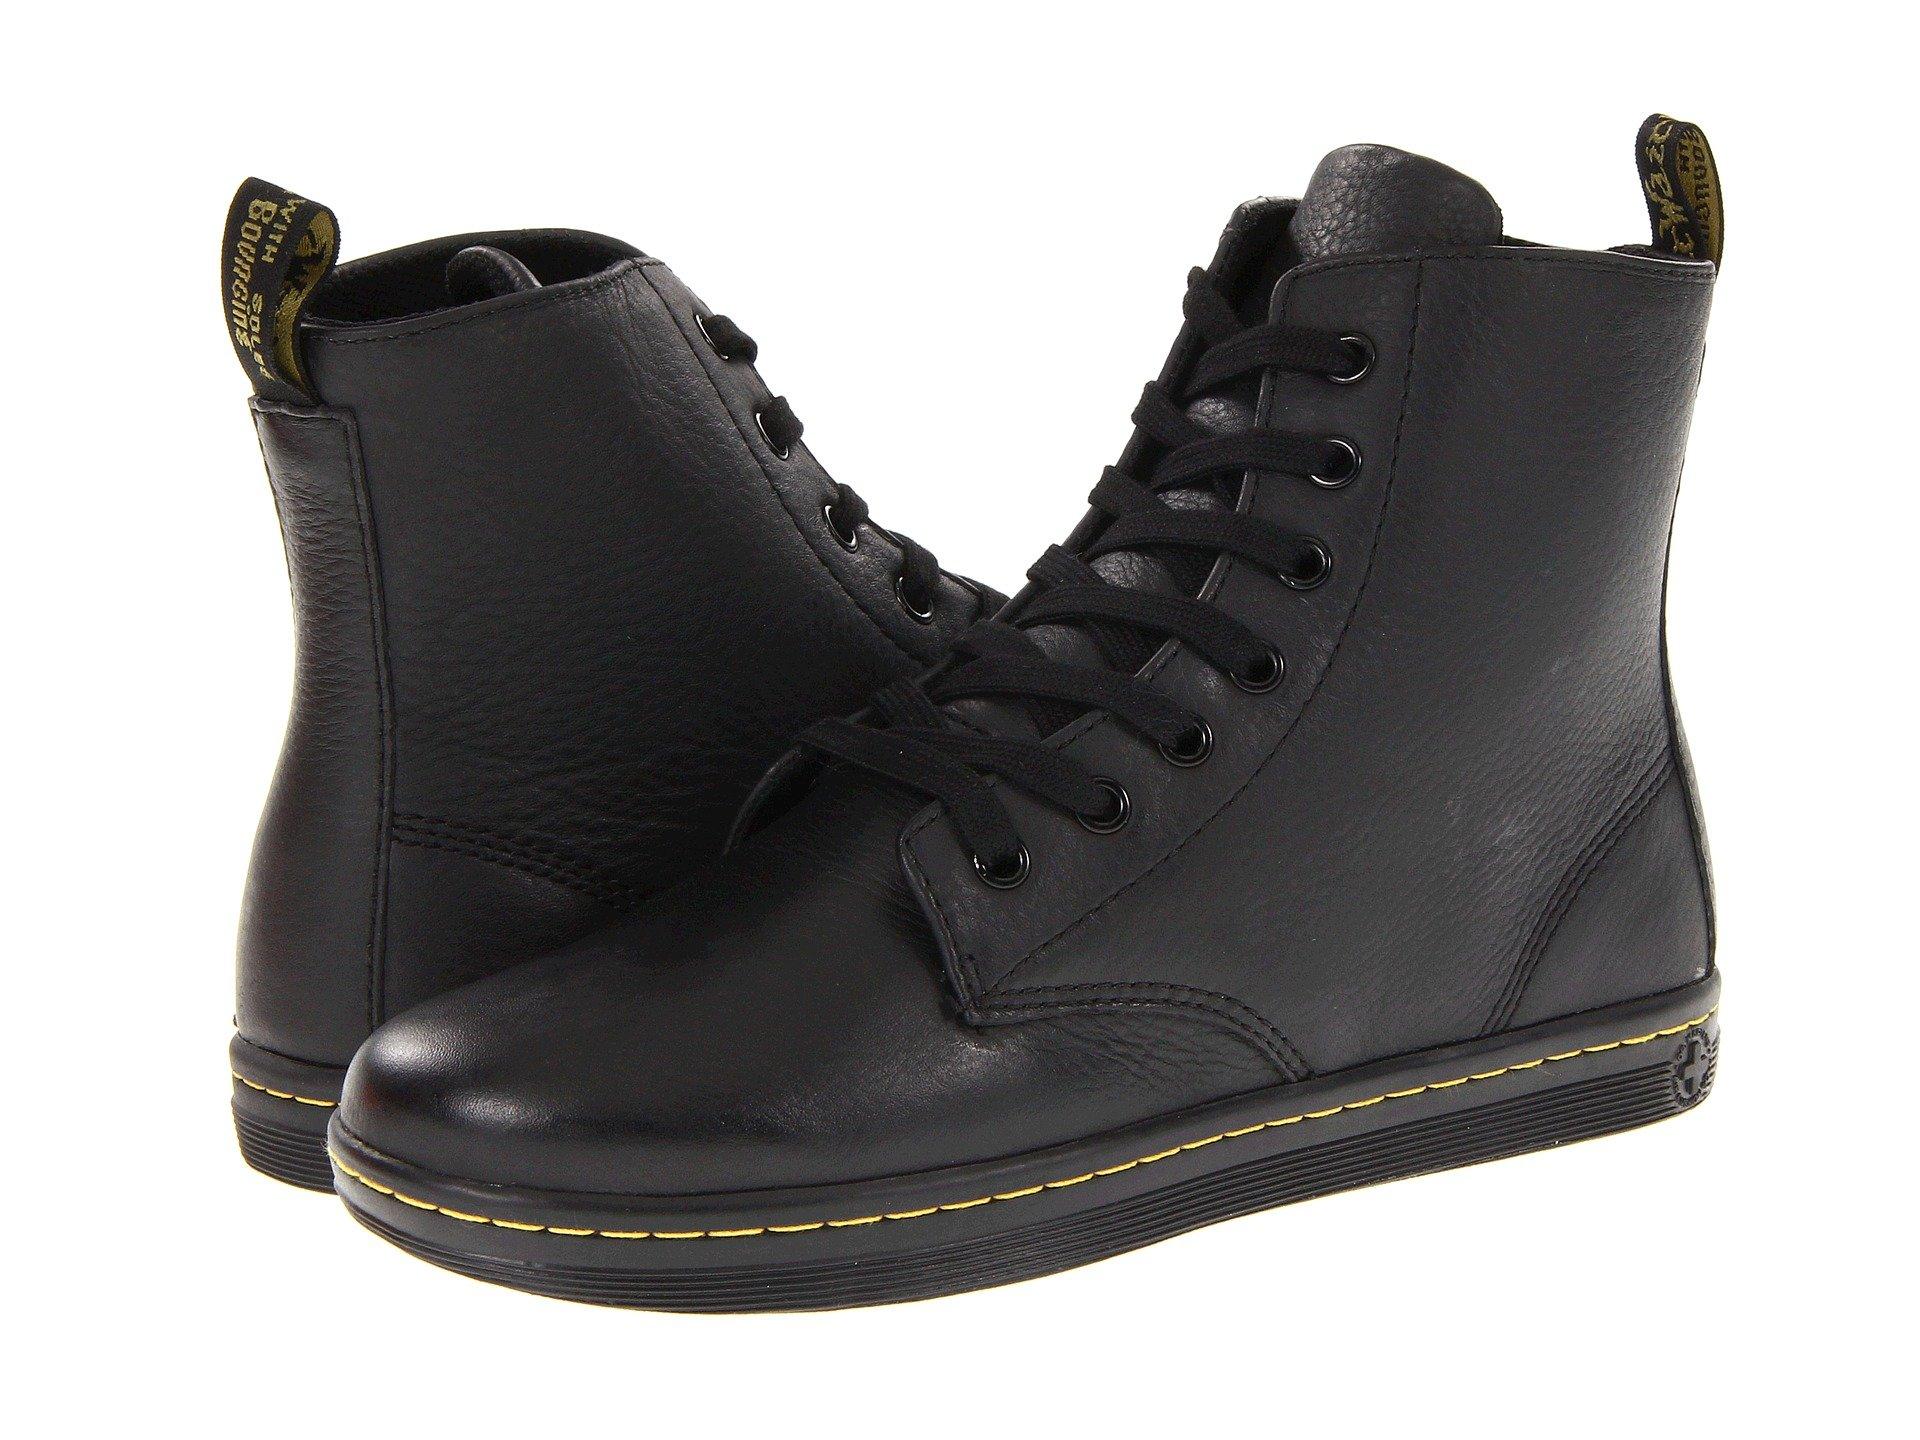 d48da55e581d Women s Dr. Martens Boots + FREE SHIPPING